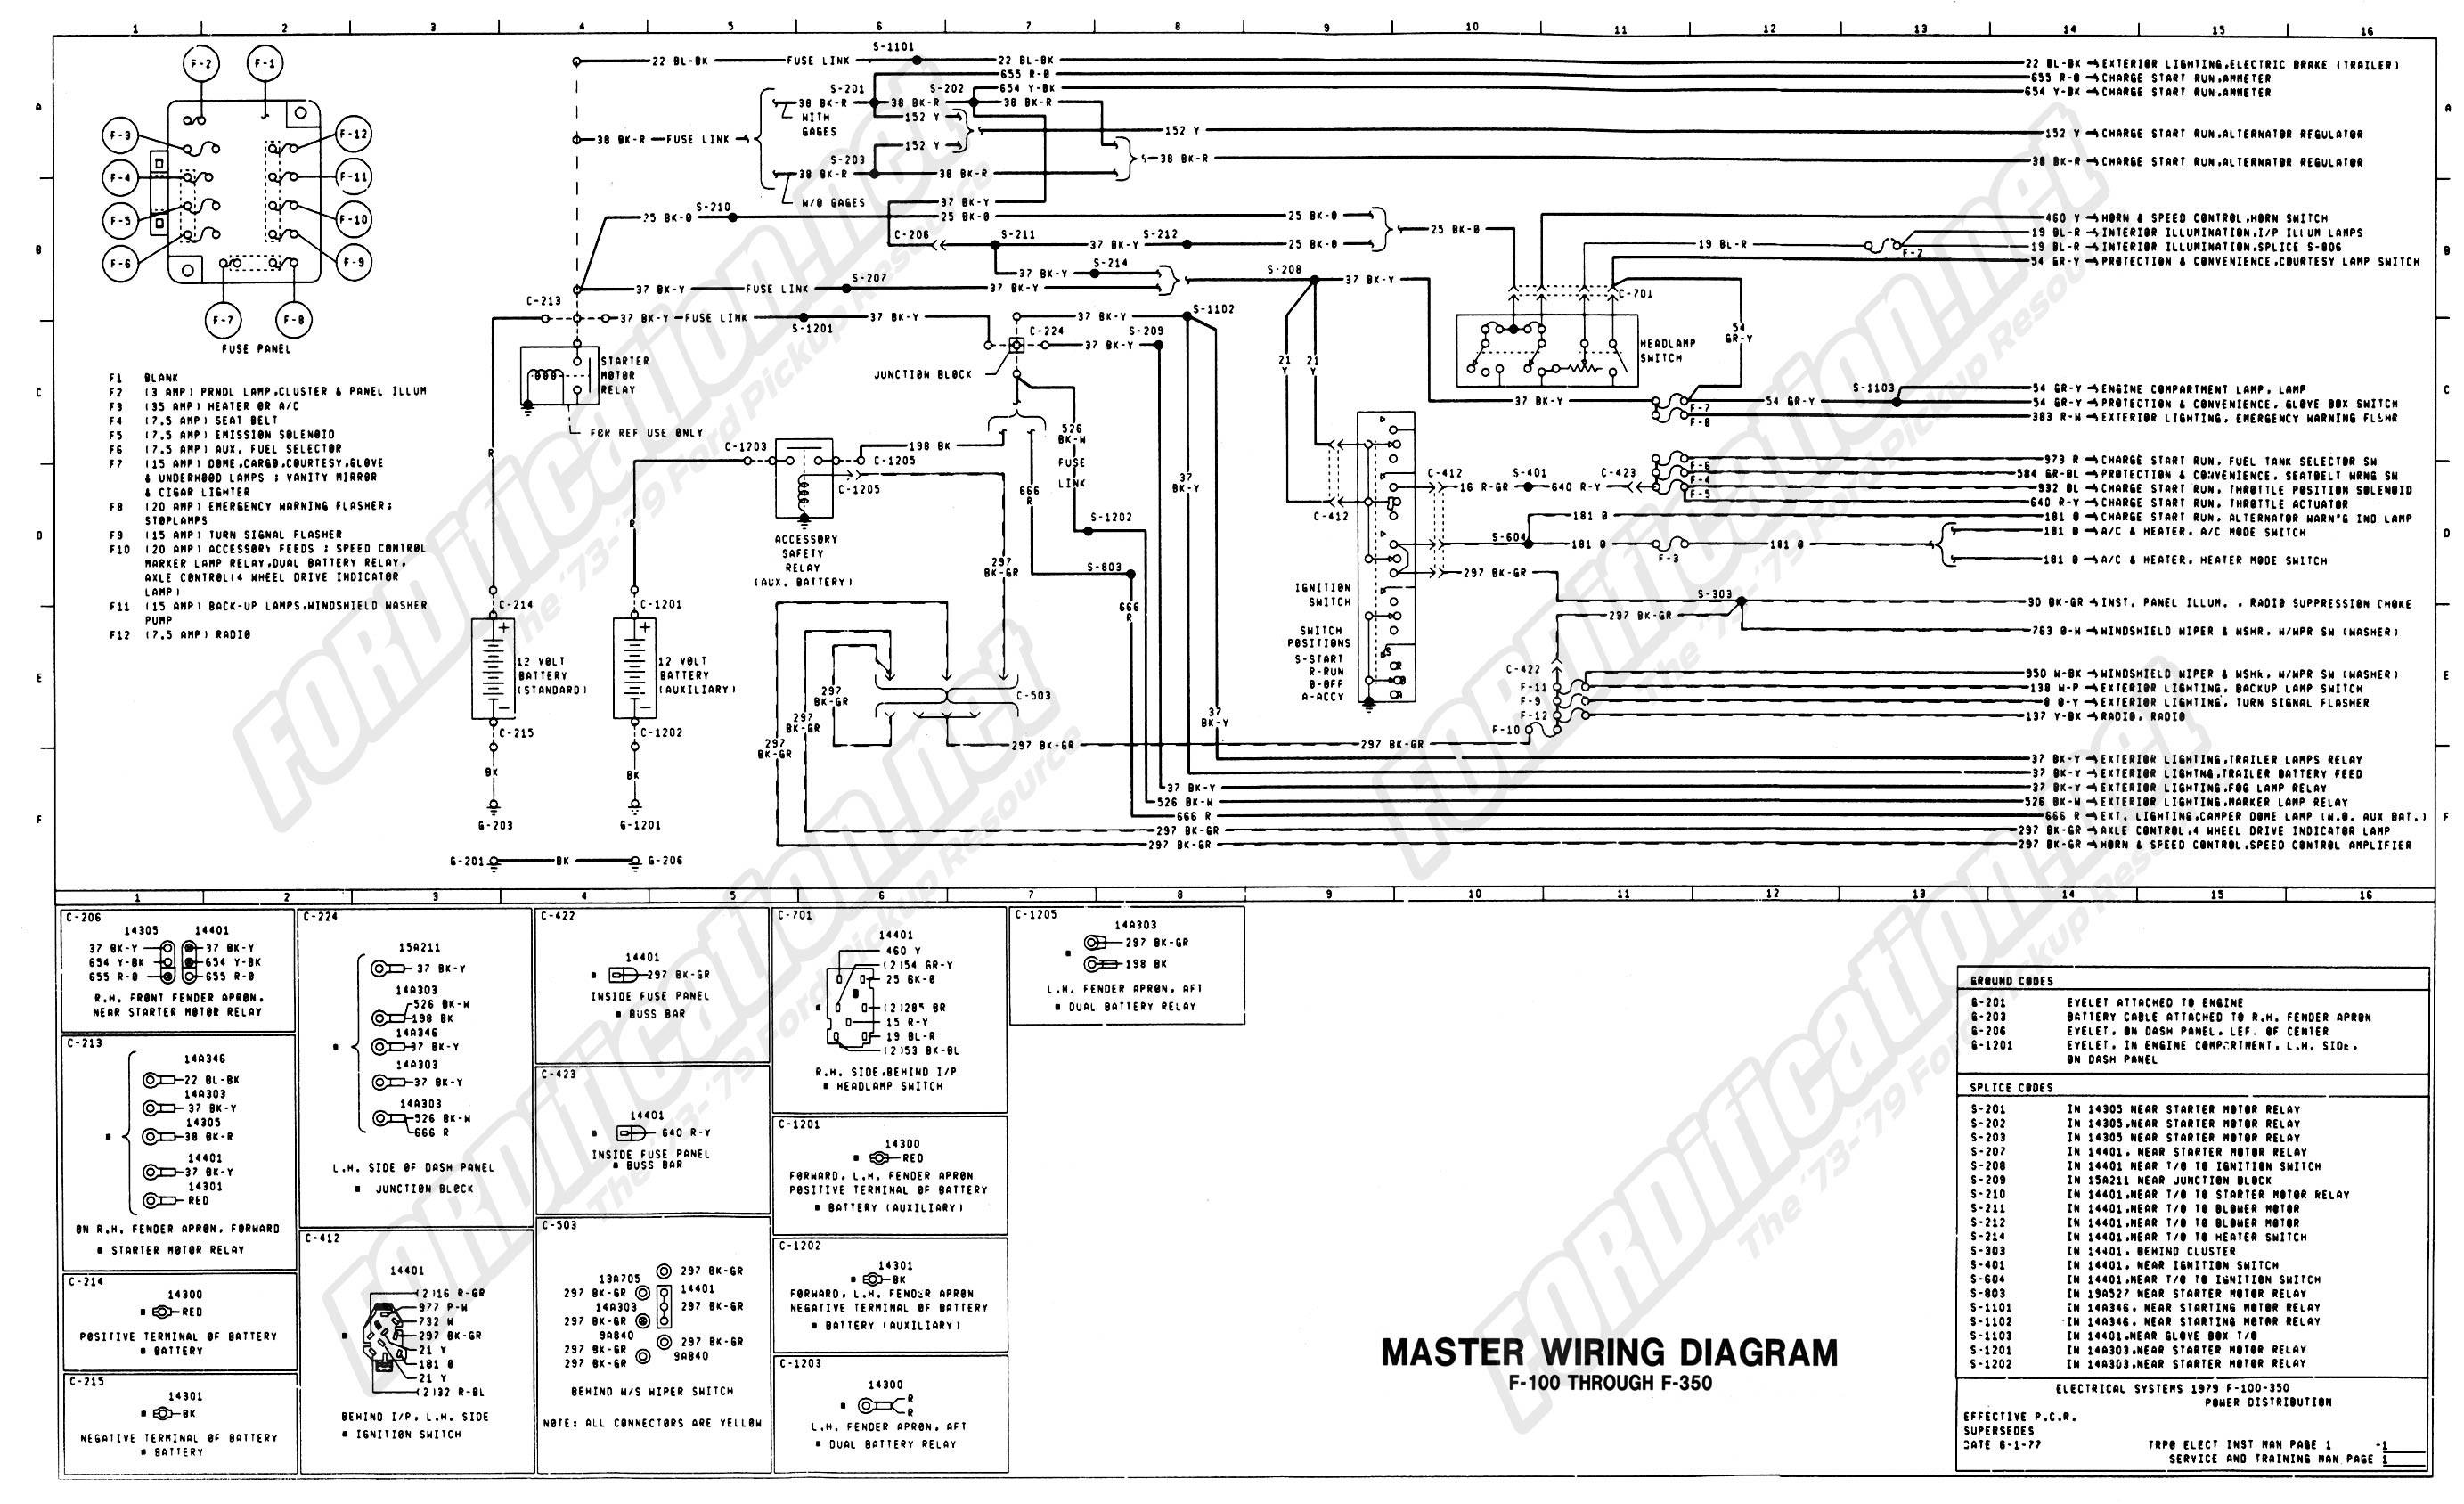 2001 F350 Wiring Diagram Rear Lights 2001 F350 Wiring Diagram Wiring Diagram Data Of 2001 F350 Wiring Diagram Rear Lights